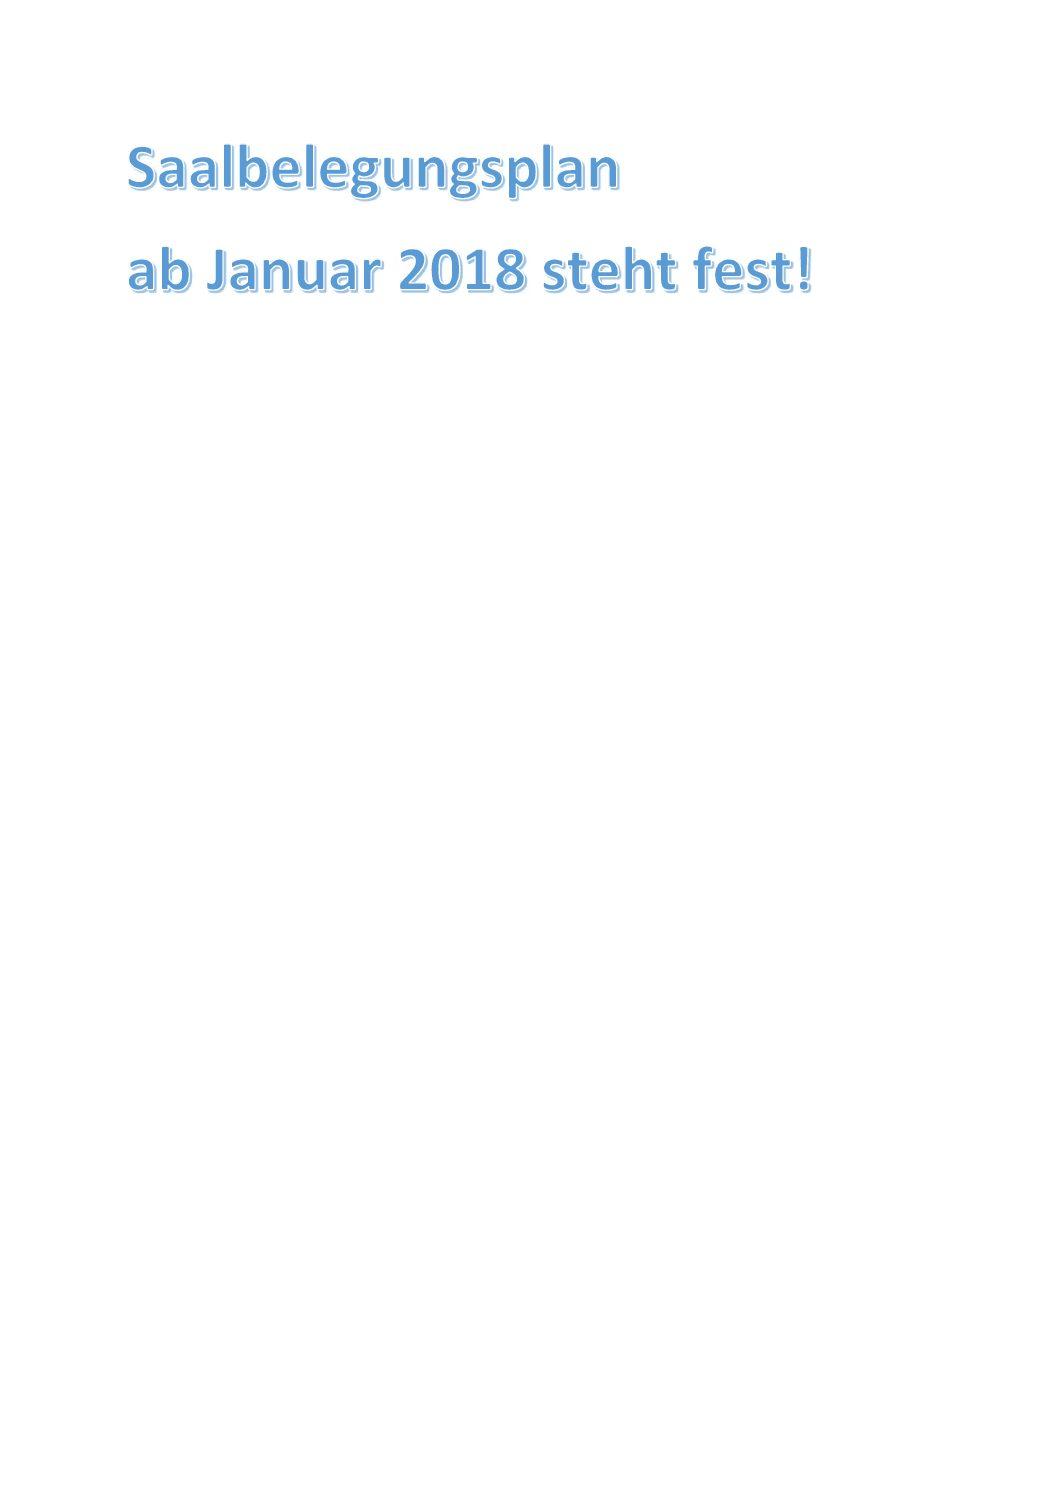 Neue Saalbelegung für 2018 steht fest!